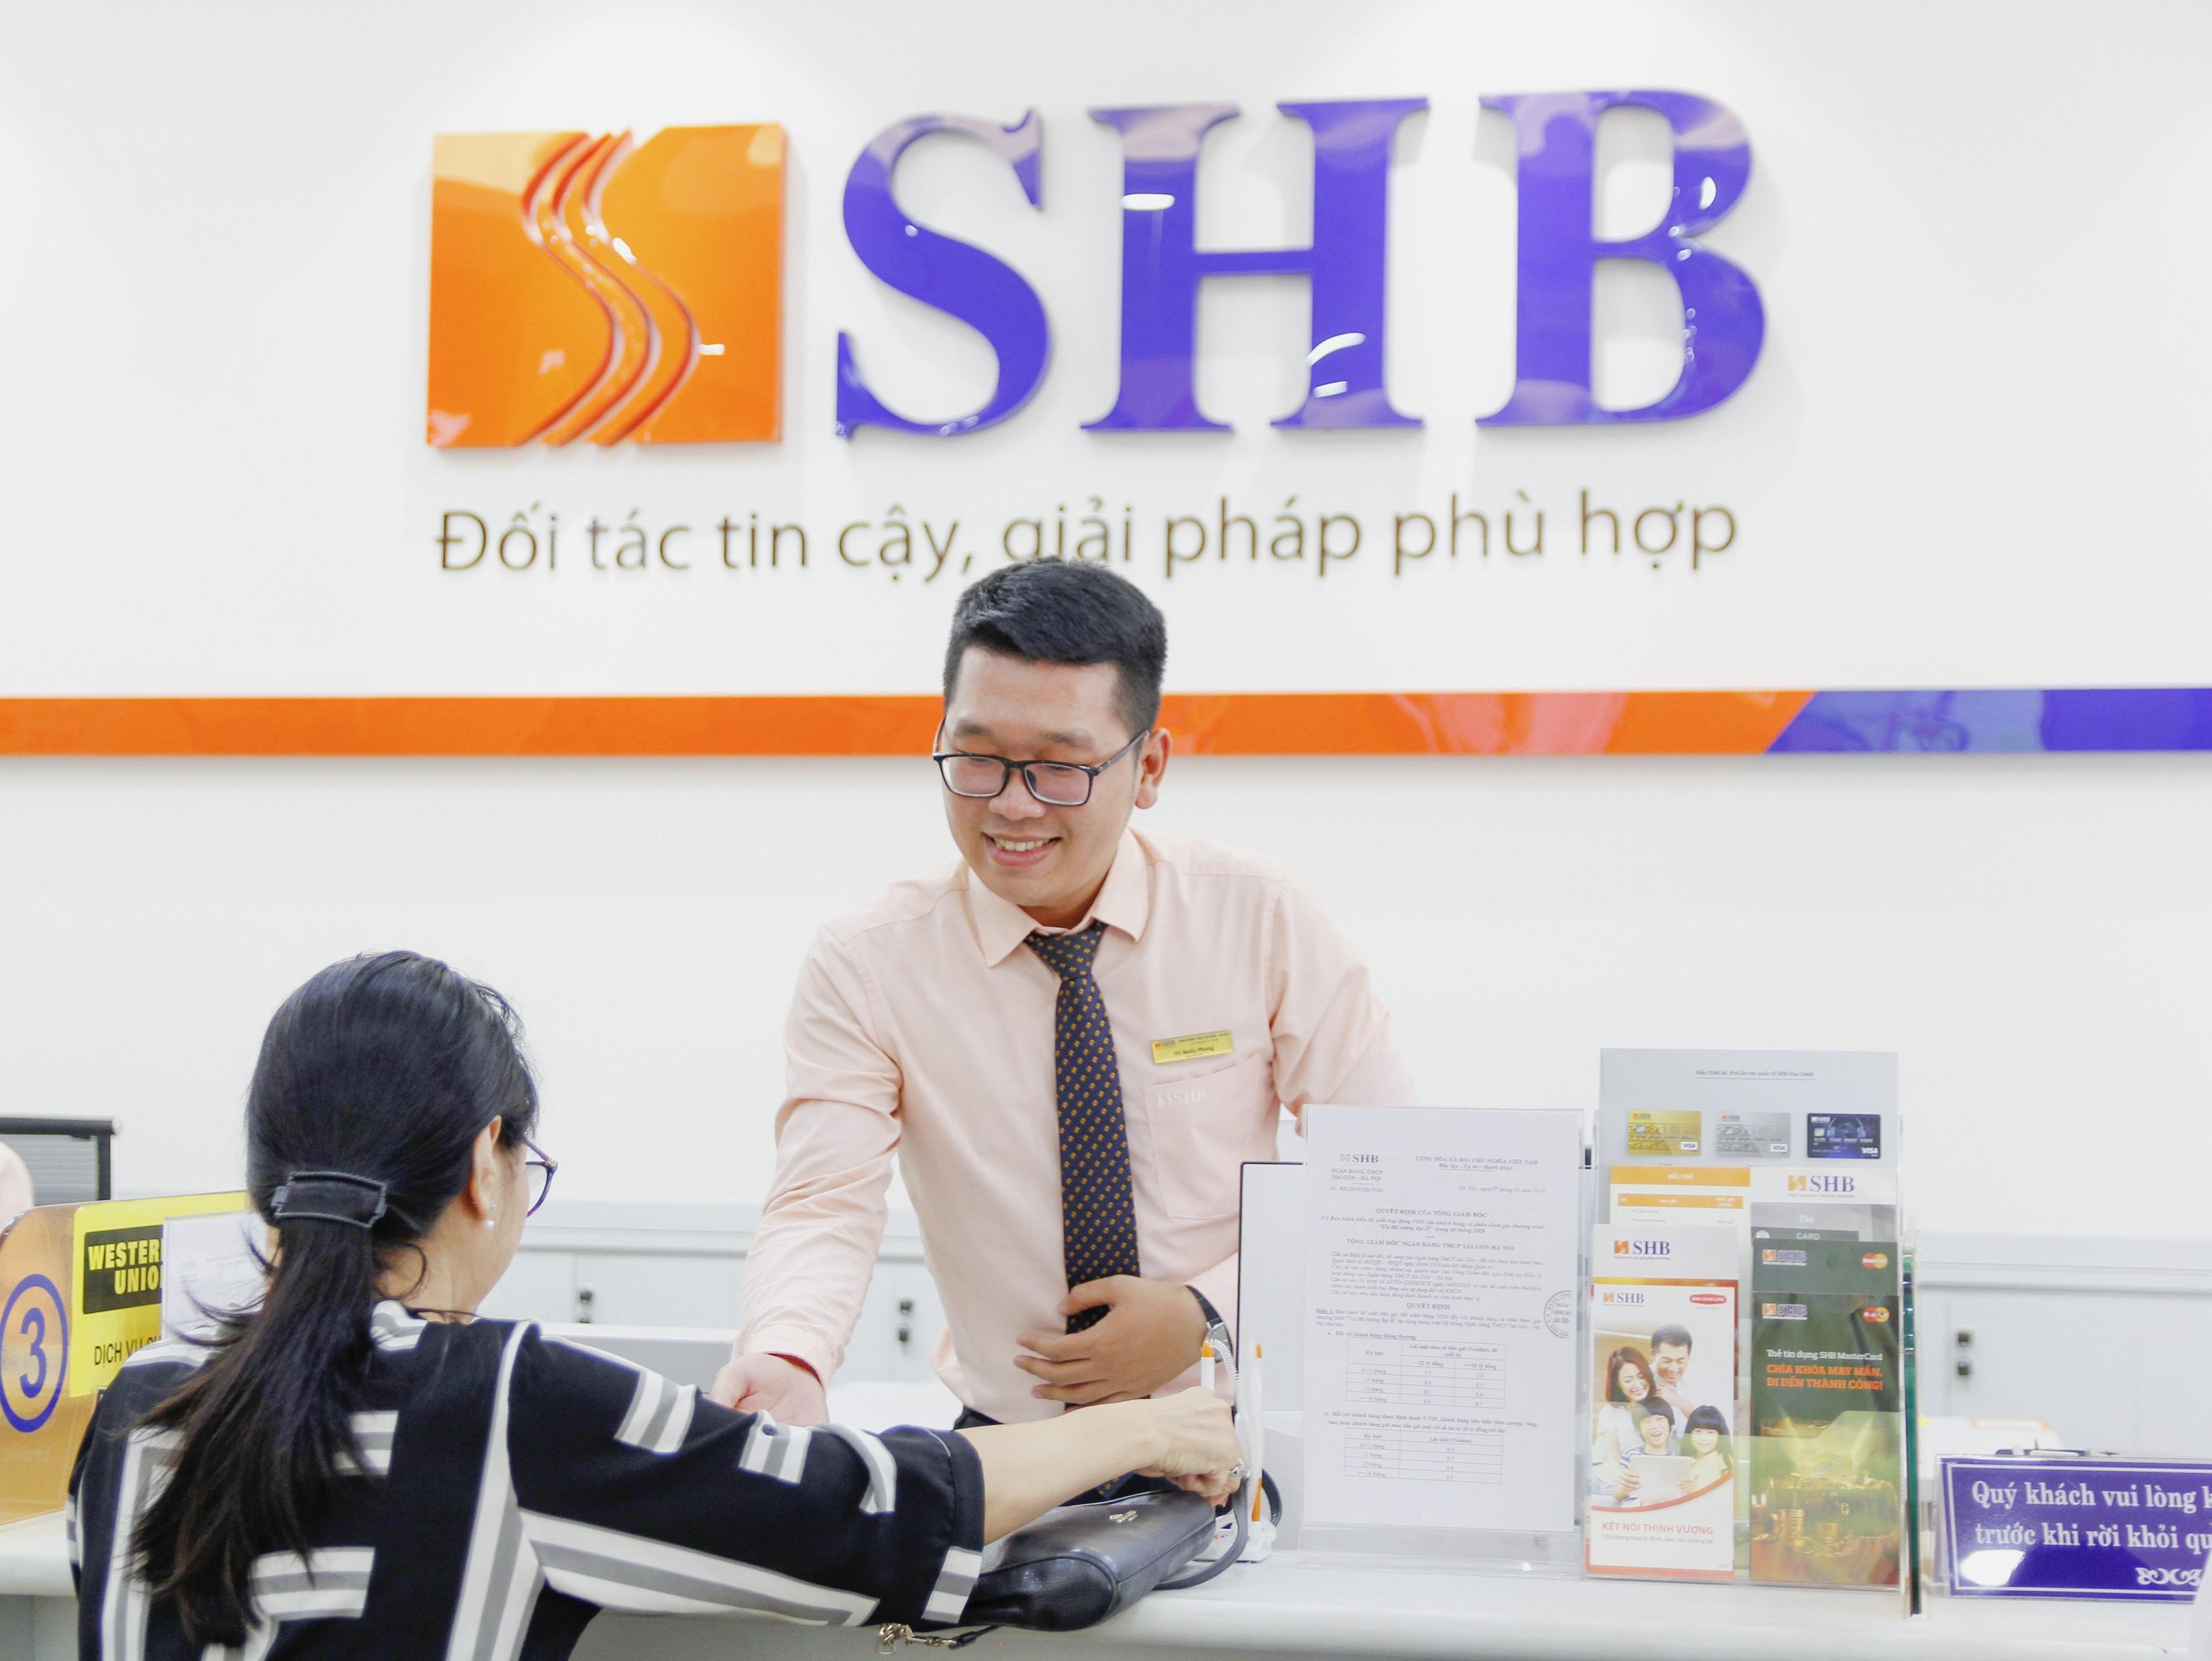 SHB thông báo giảm mạnh lãi suất cho vay trên toàn hệ thống - Ảnh 1.